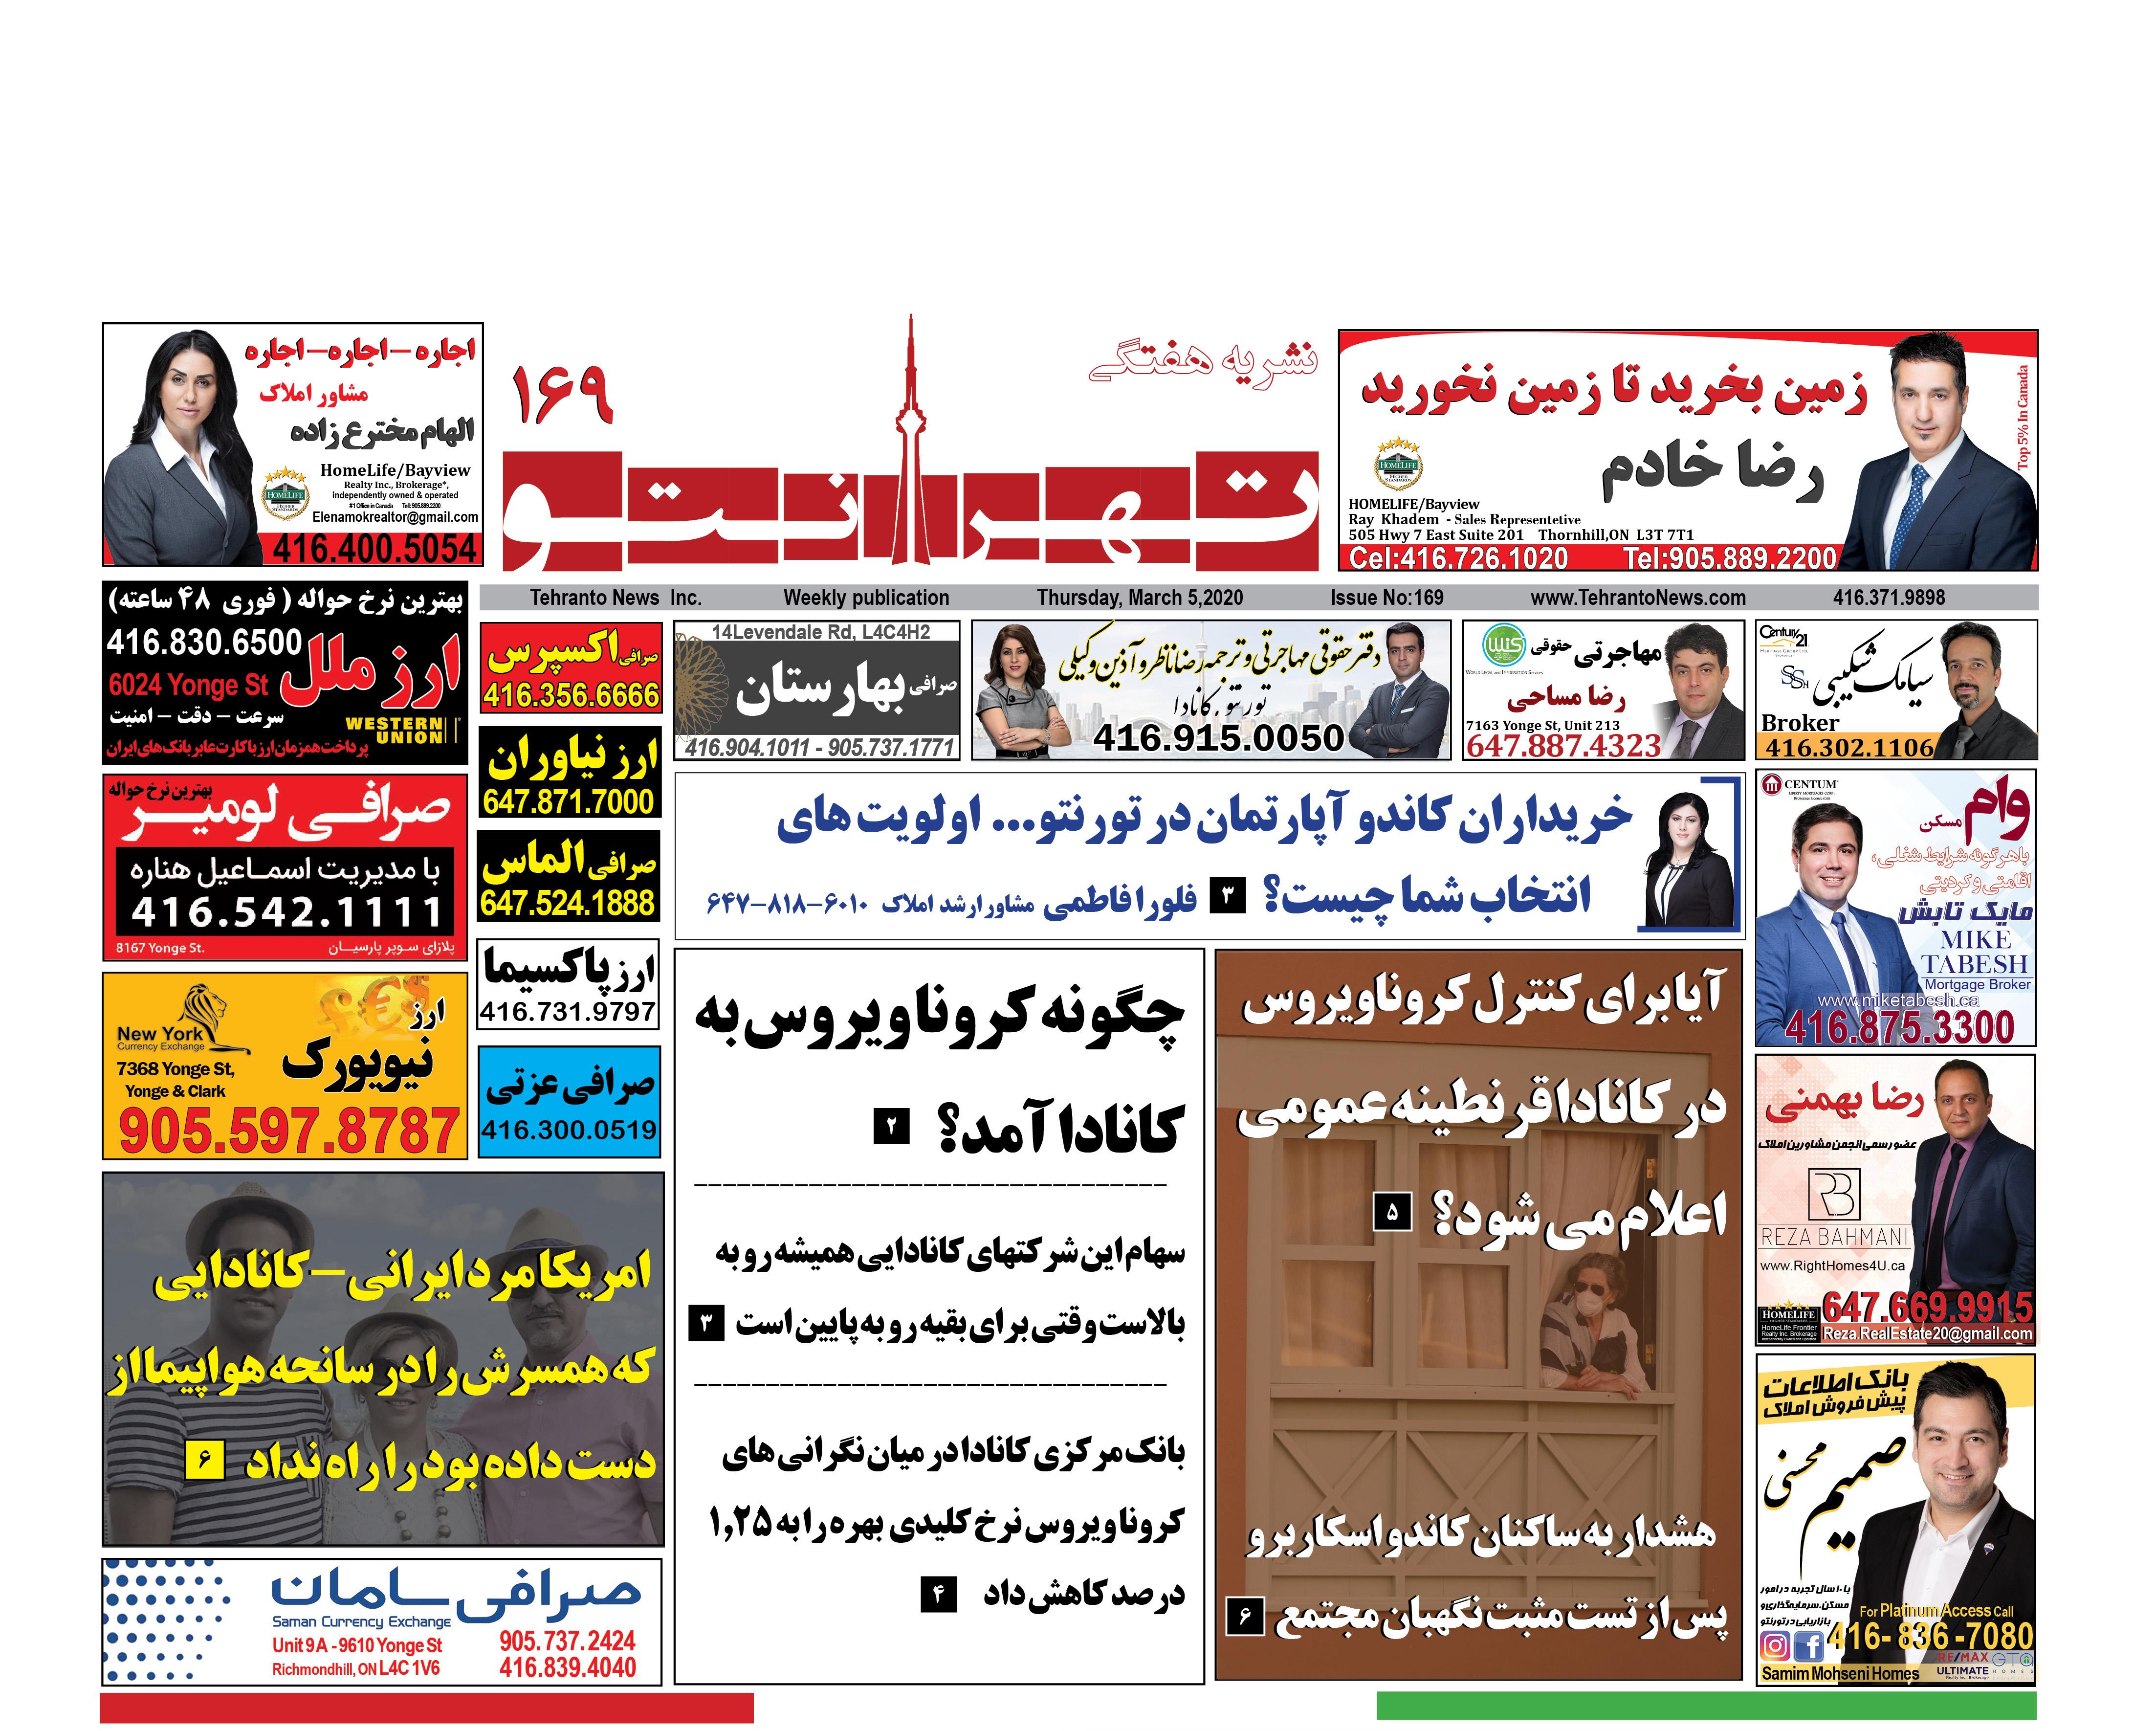 تصویر از نشریه شماره ۱۶۹ تهرانتو منتشر شد